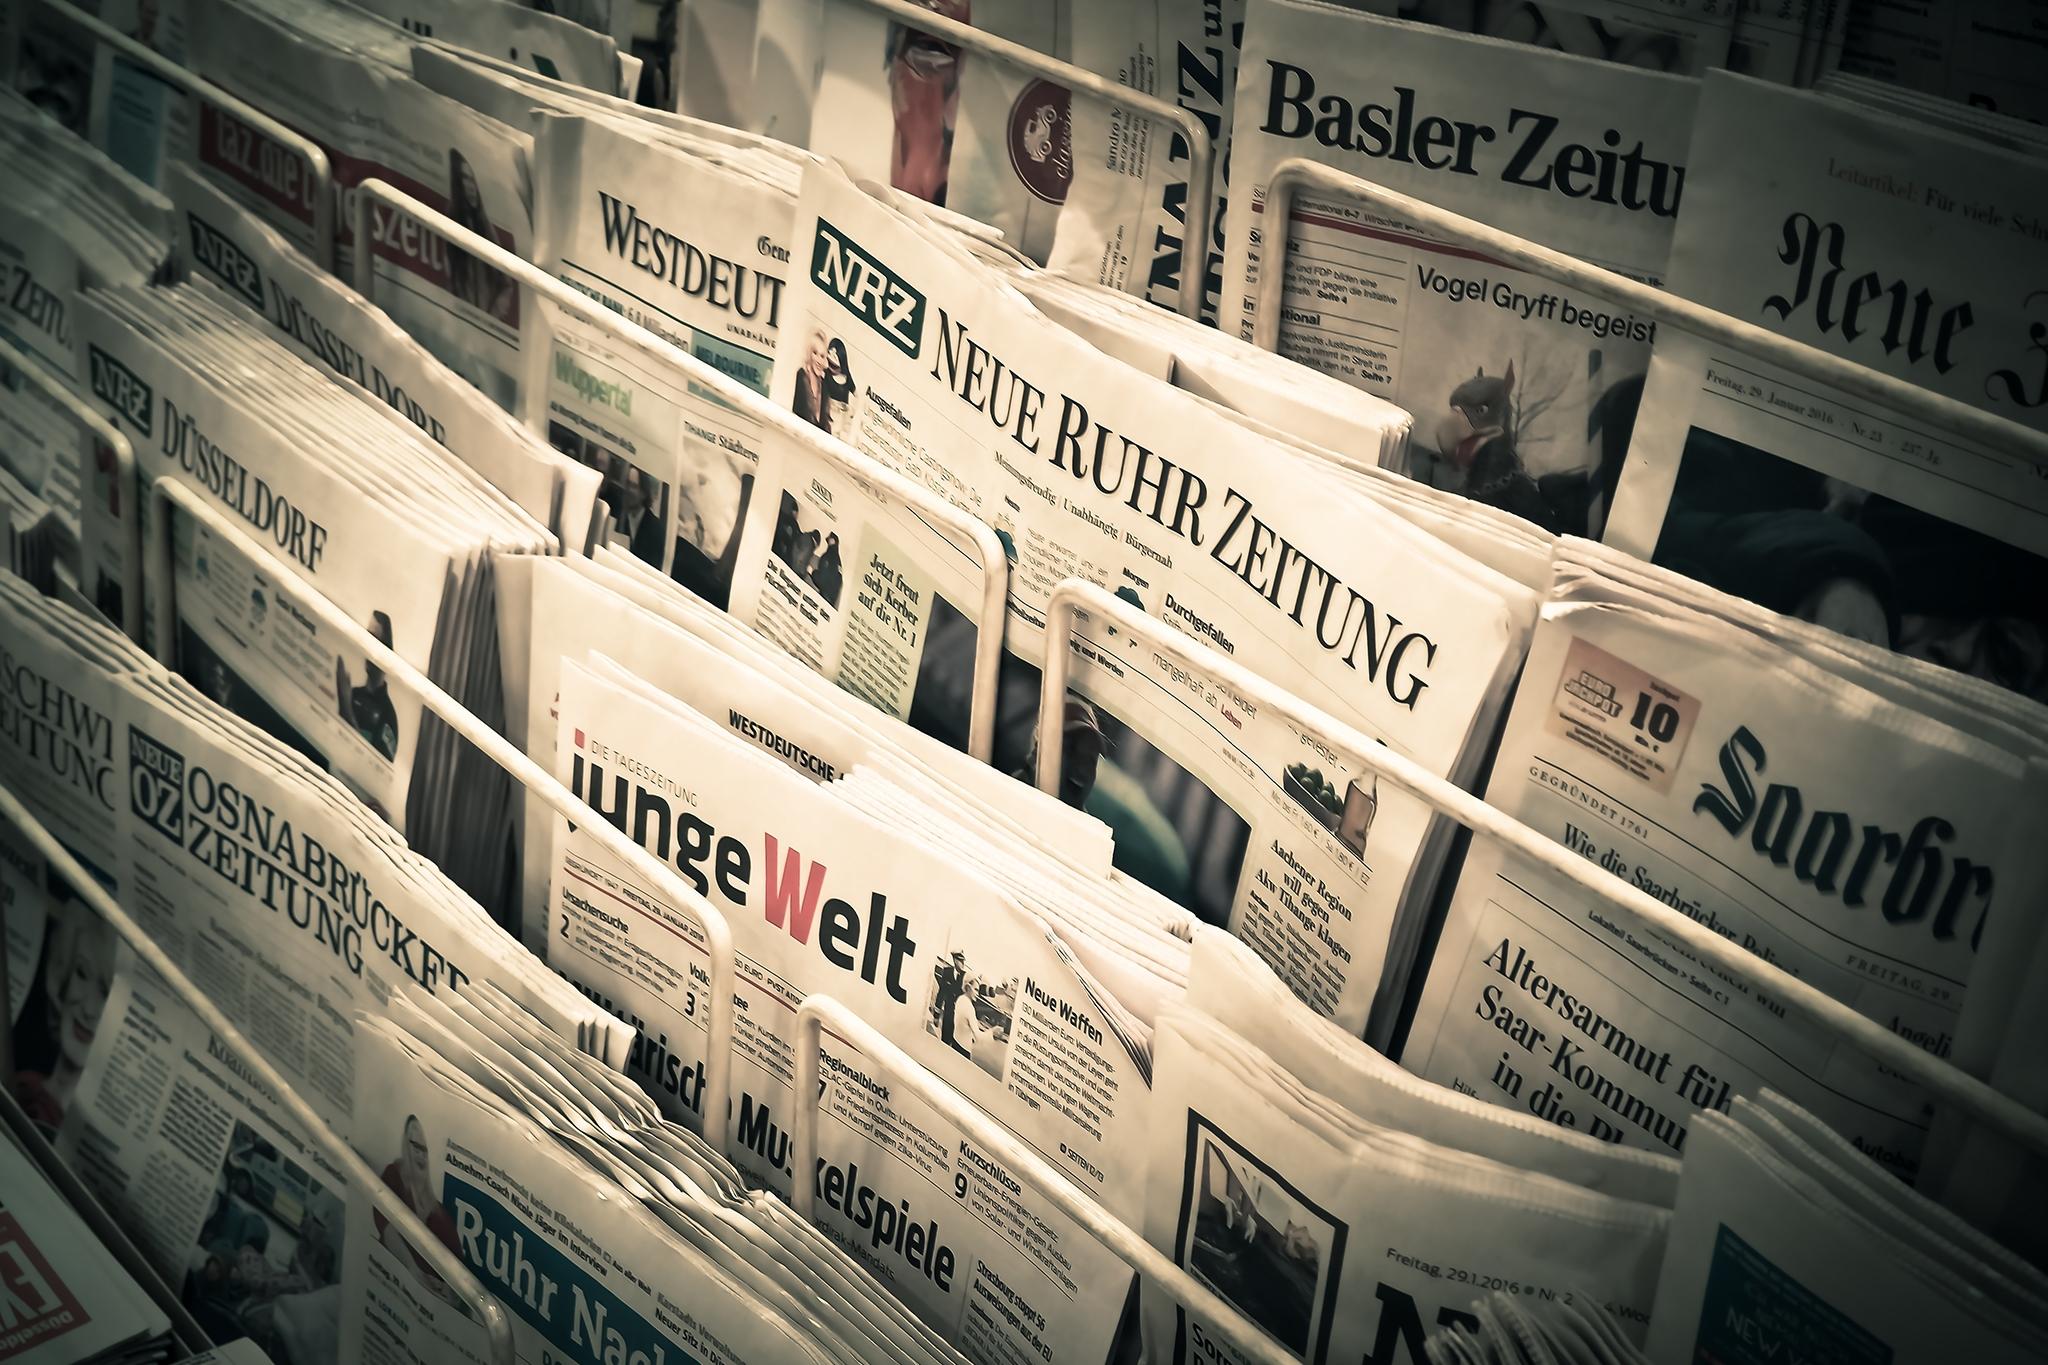 News - Neues und Wissenswertes